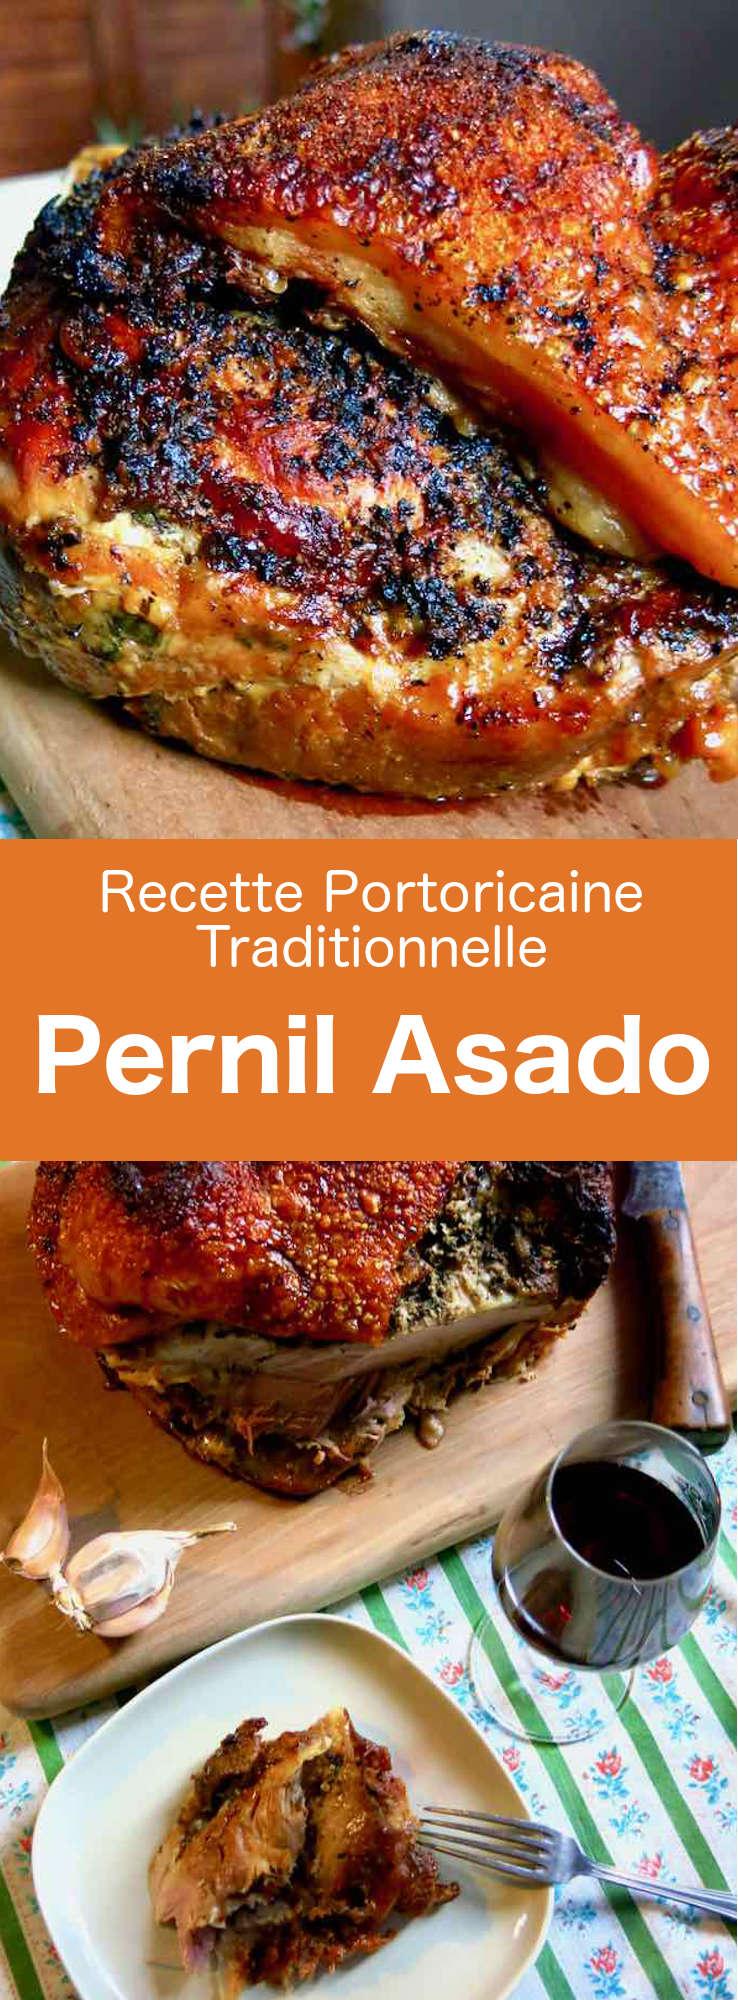 Le pernil asado est une cuisse ou épaule de porc marinée et rôtie longuement. Dans les pays d'Amérique latine, ce plat est la tradition de Noël. #PortoRico #CuisinePortoricaine #RecettePortoRicaine #RecetteDesCaraibes #CuisineDuMonde #196flavors